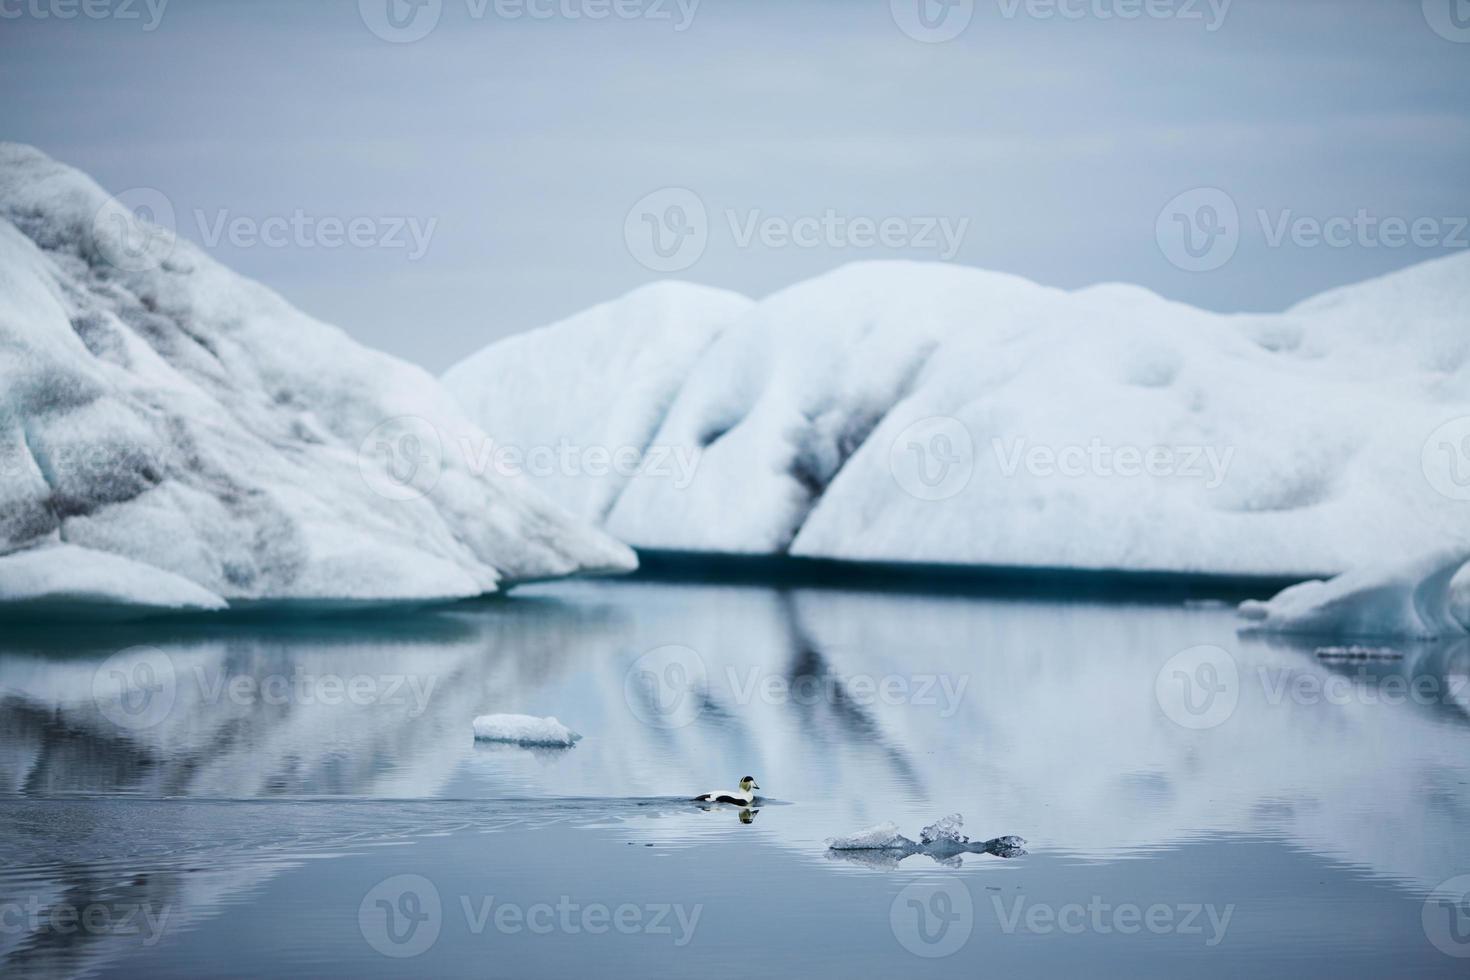 pato en icebergs nevados - lago glaciar jokulsarlon, islandia foto